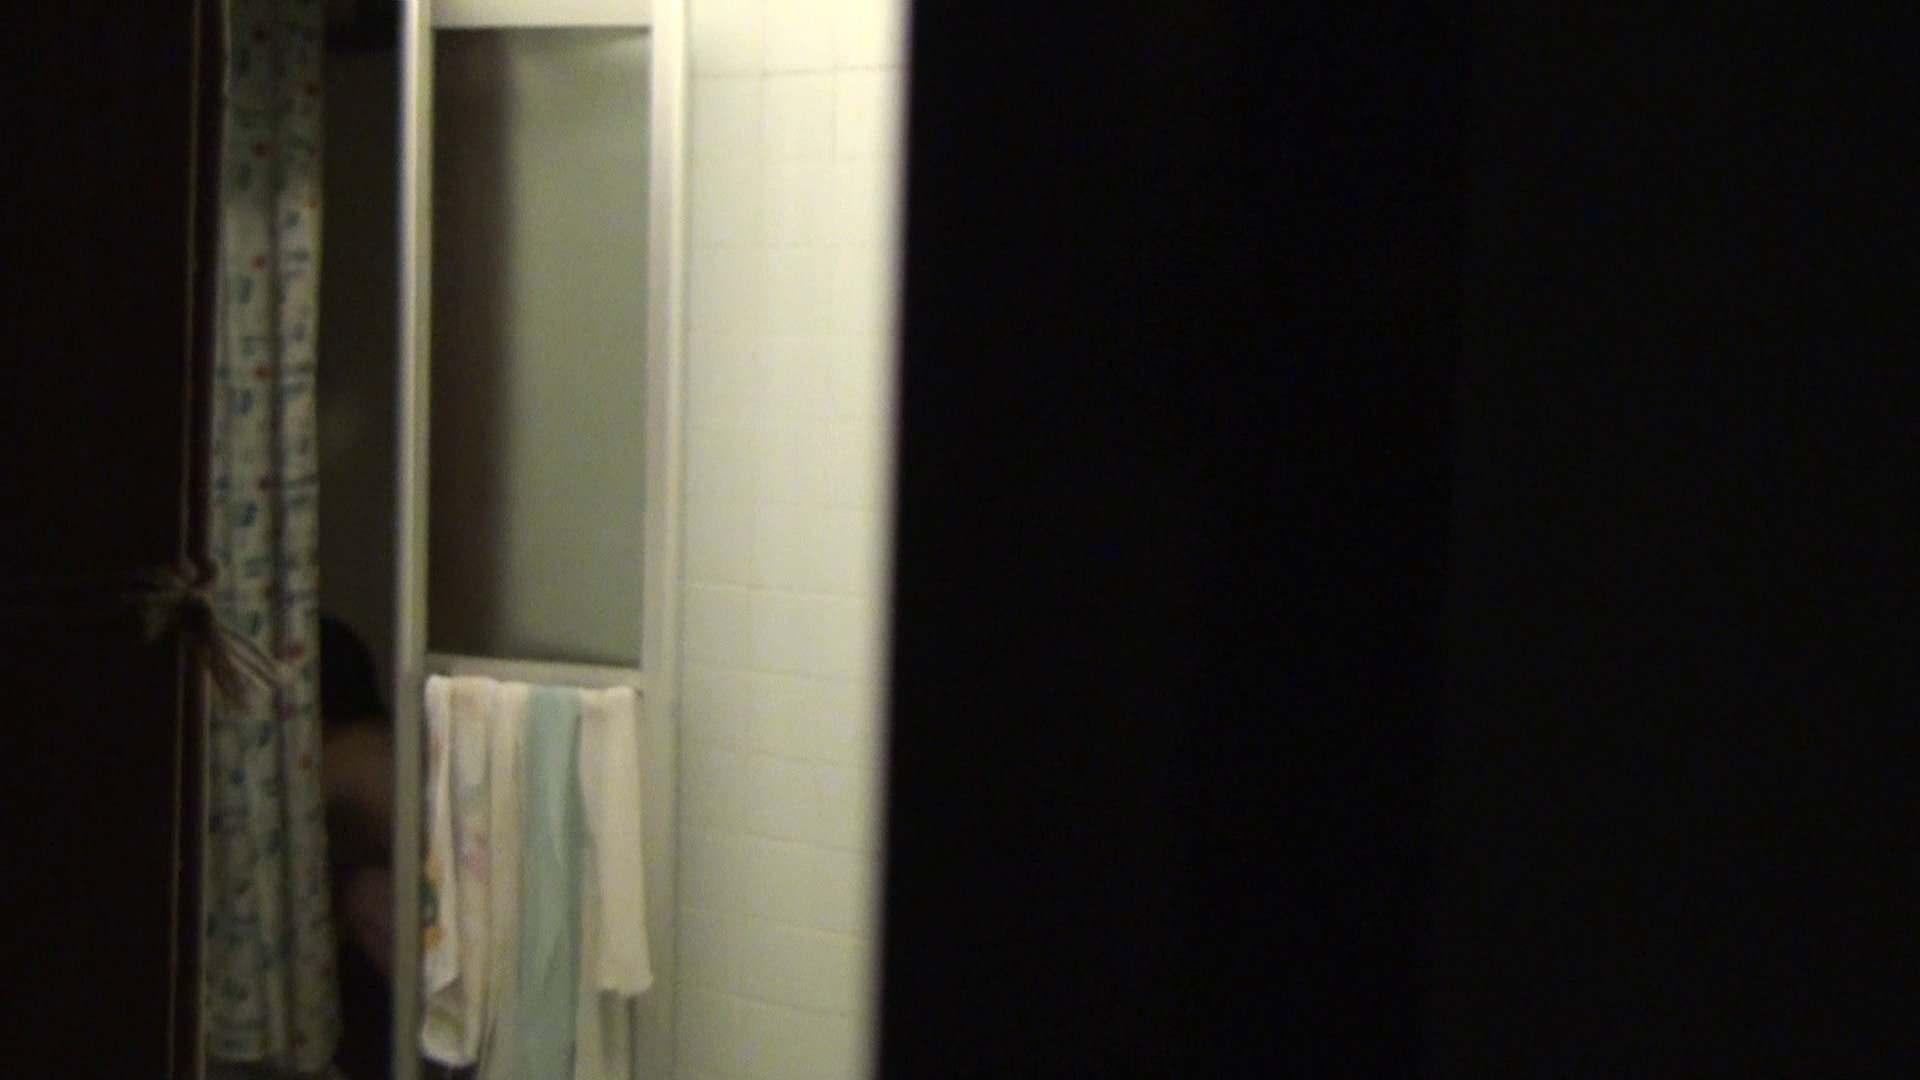 vol.06顔を洗い流す極上お女市さんの裸体をハイビジョンで!風呂上り着替え必見! 盗撮で悶絶 | 着替え  68画像 41